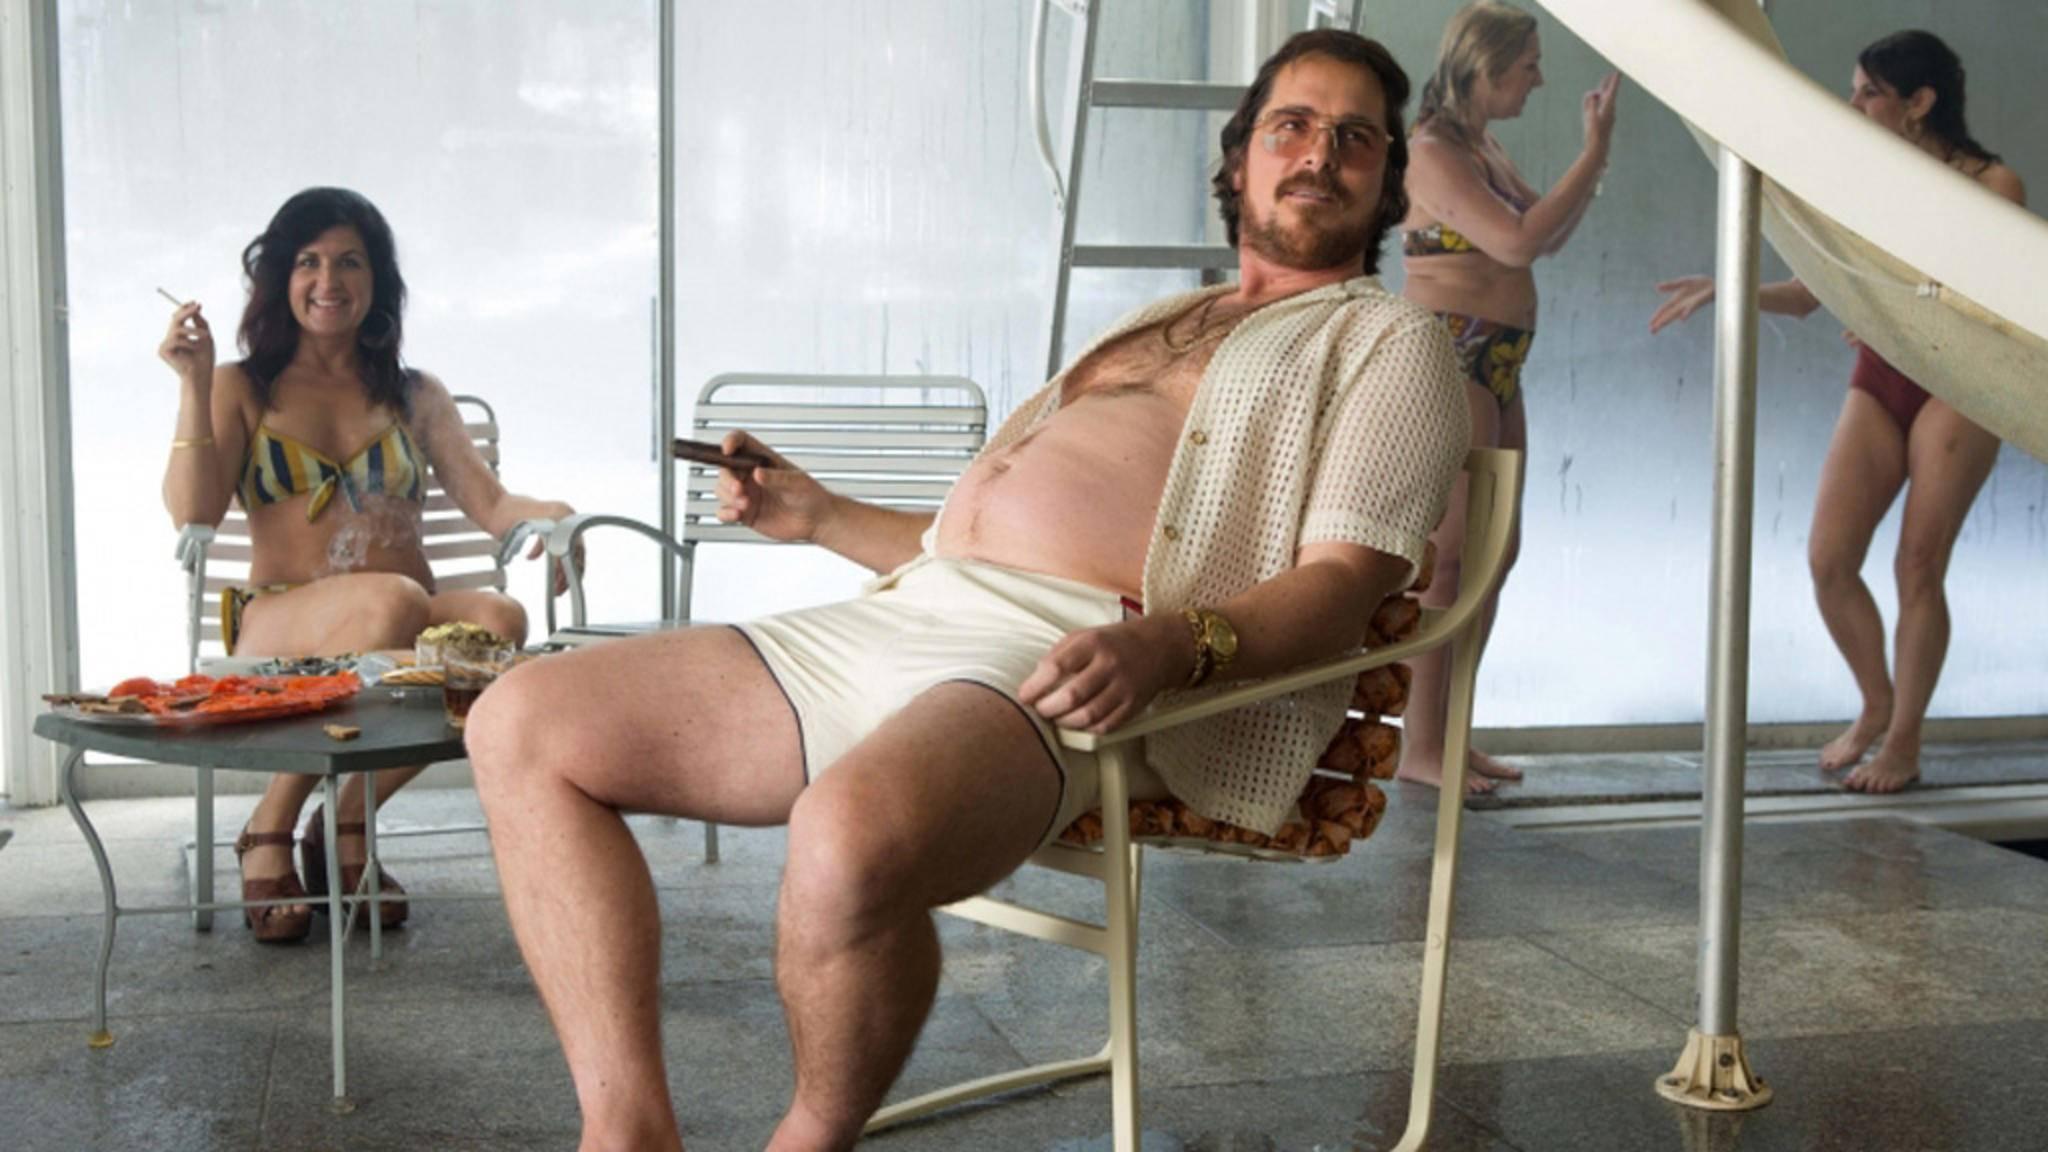 Christian Bale als Mentor von Han Solo? Das hätten wir nur zu gerne gesehen.